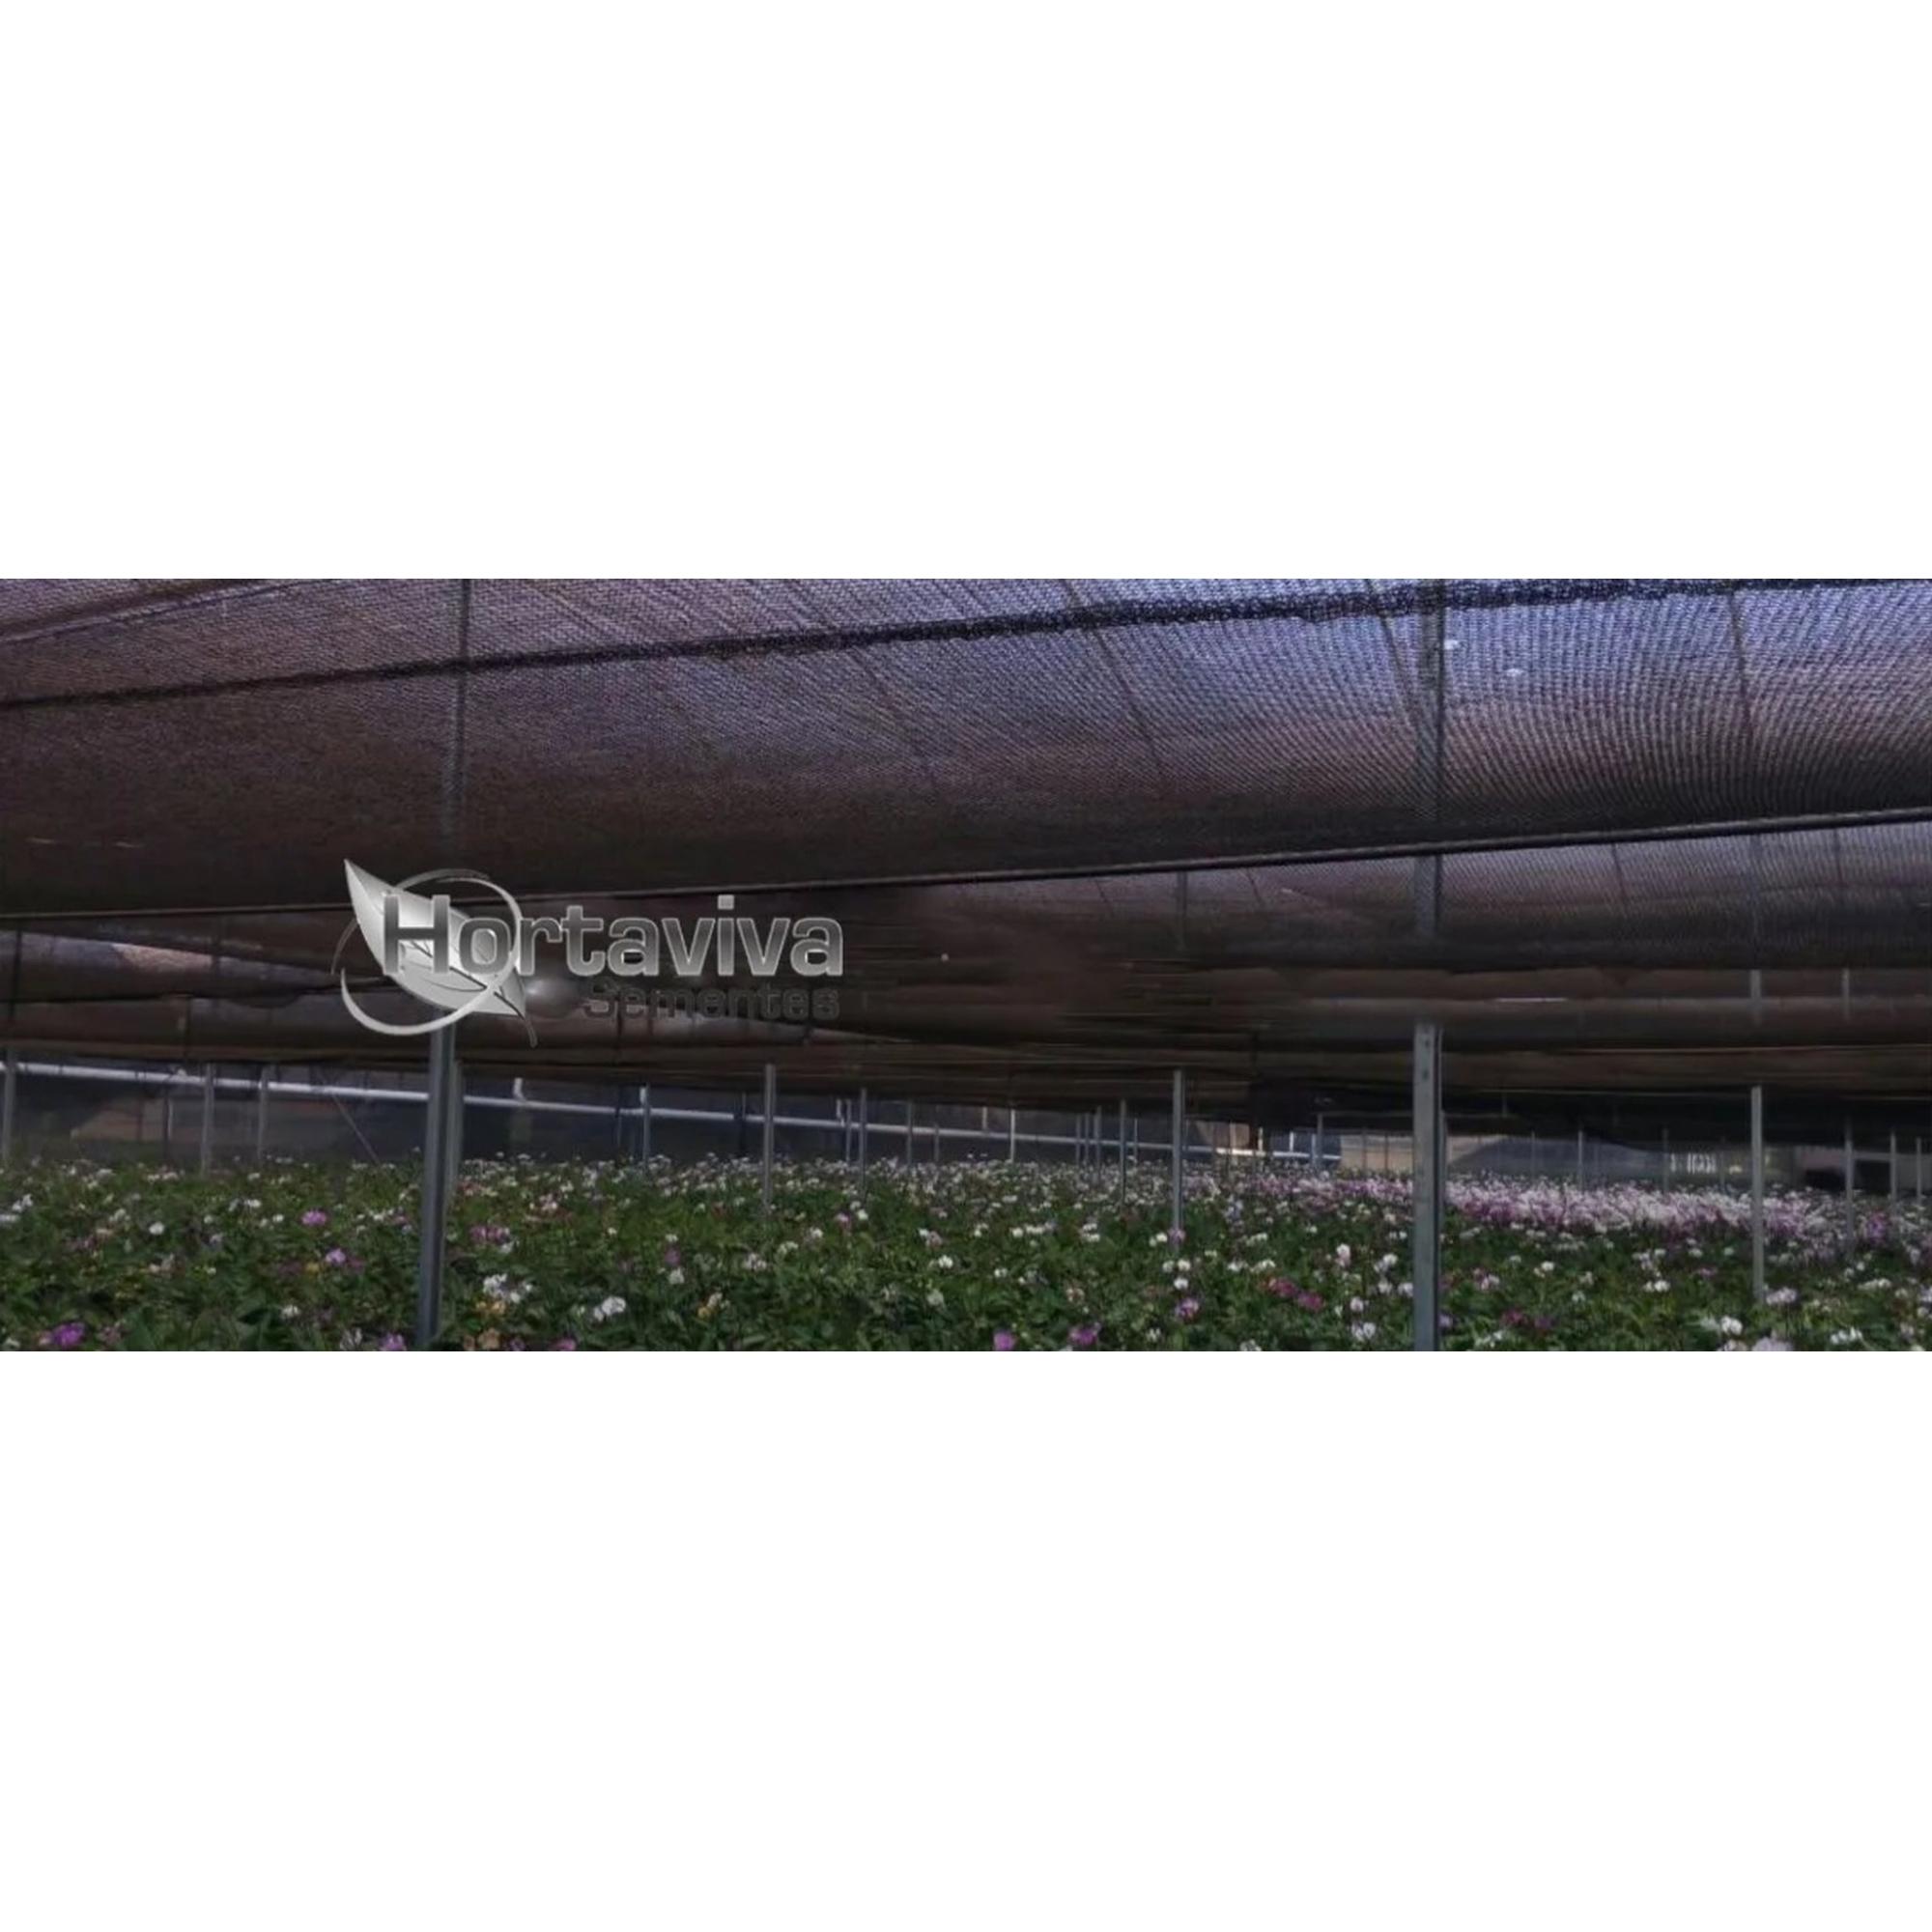 Tela de Sombreamento Preta 50% - 1,5 Metros x 15 Metros